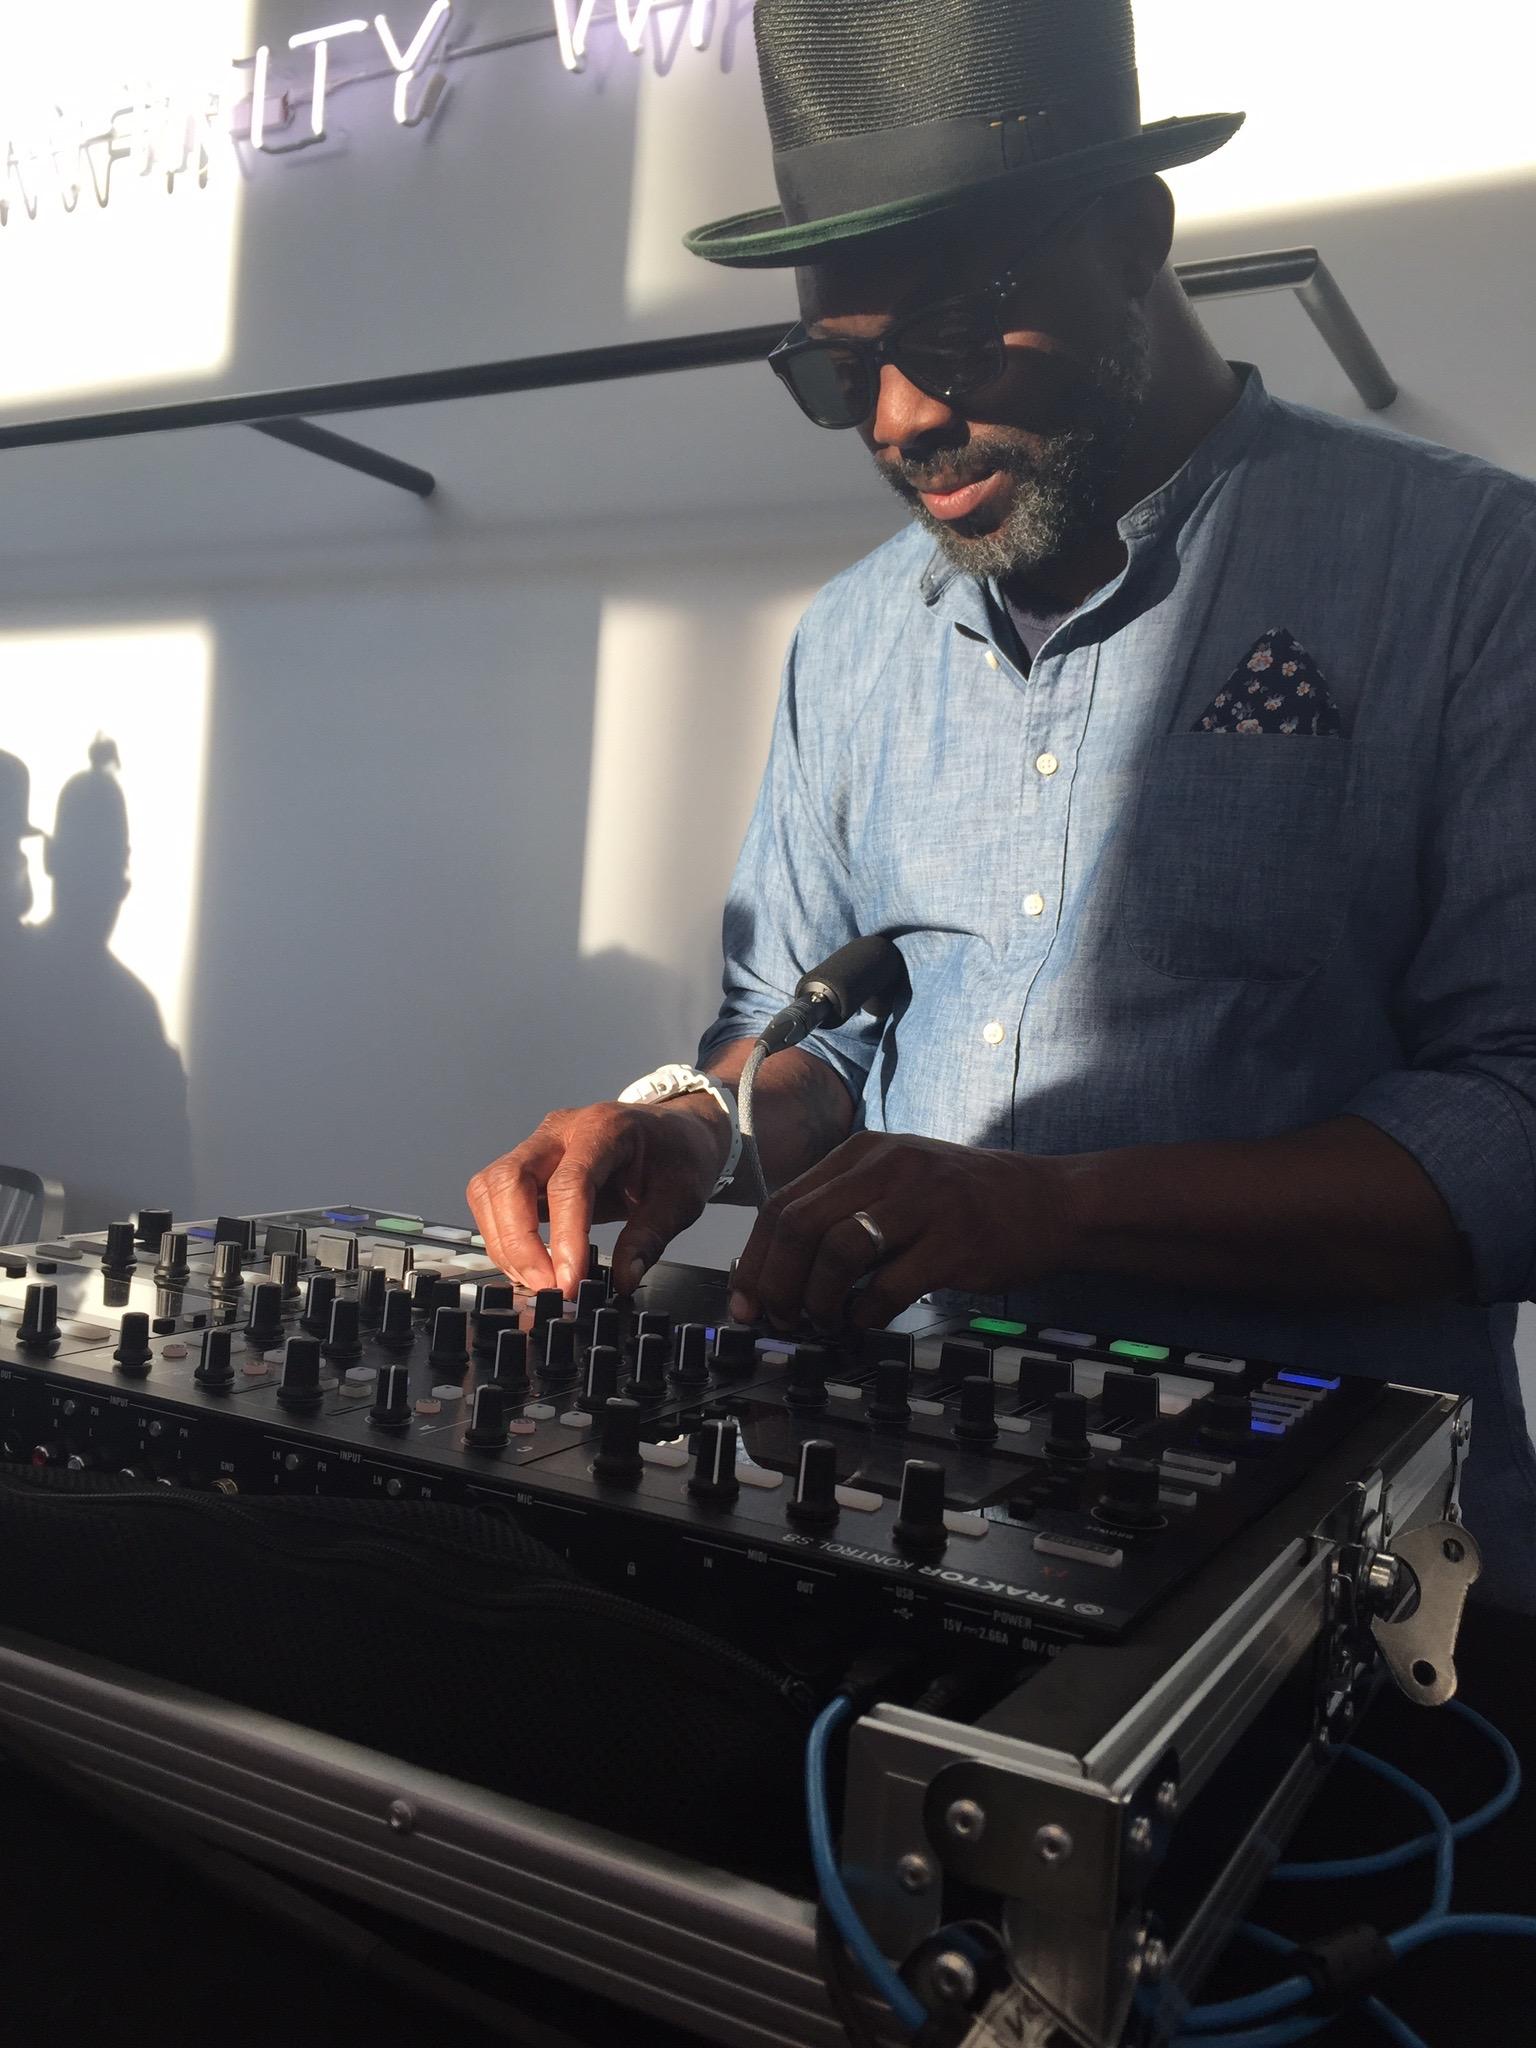 Jaymz Nylon DJing  @ Likelihood Store Opening